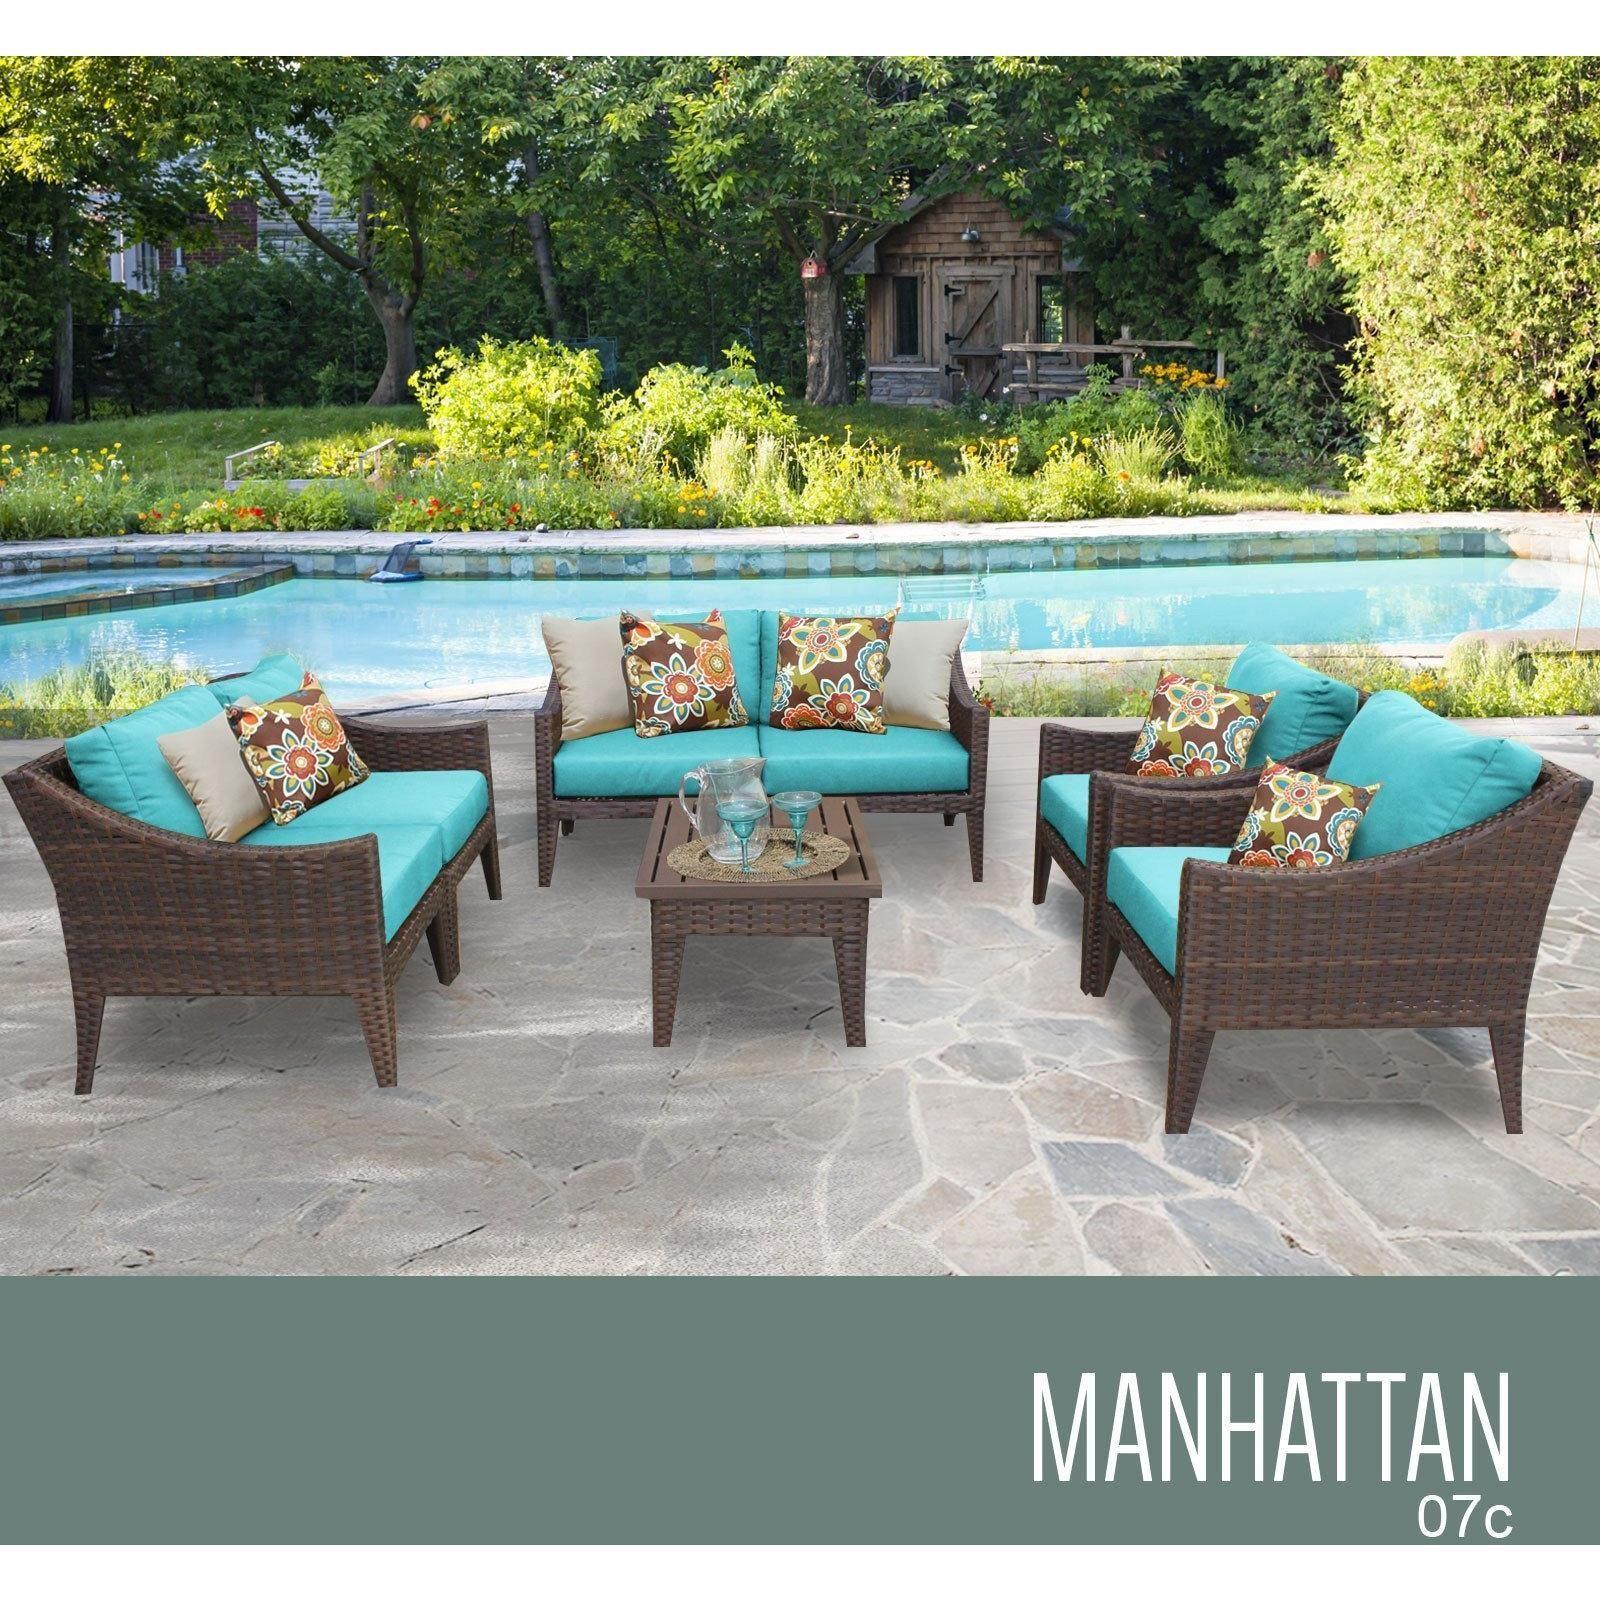 Gentil Manhattan 7 Piece Outdoor Wicker Patio Furniture Set 07c